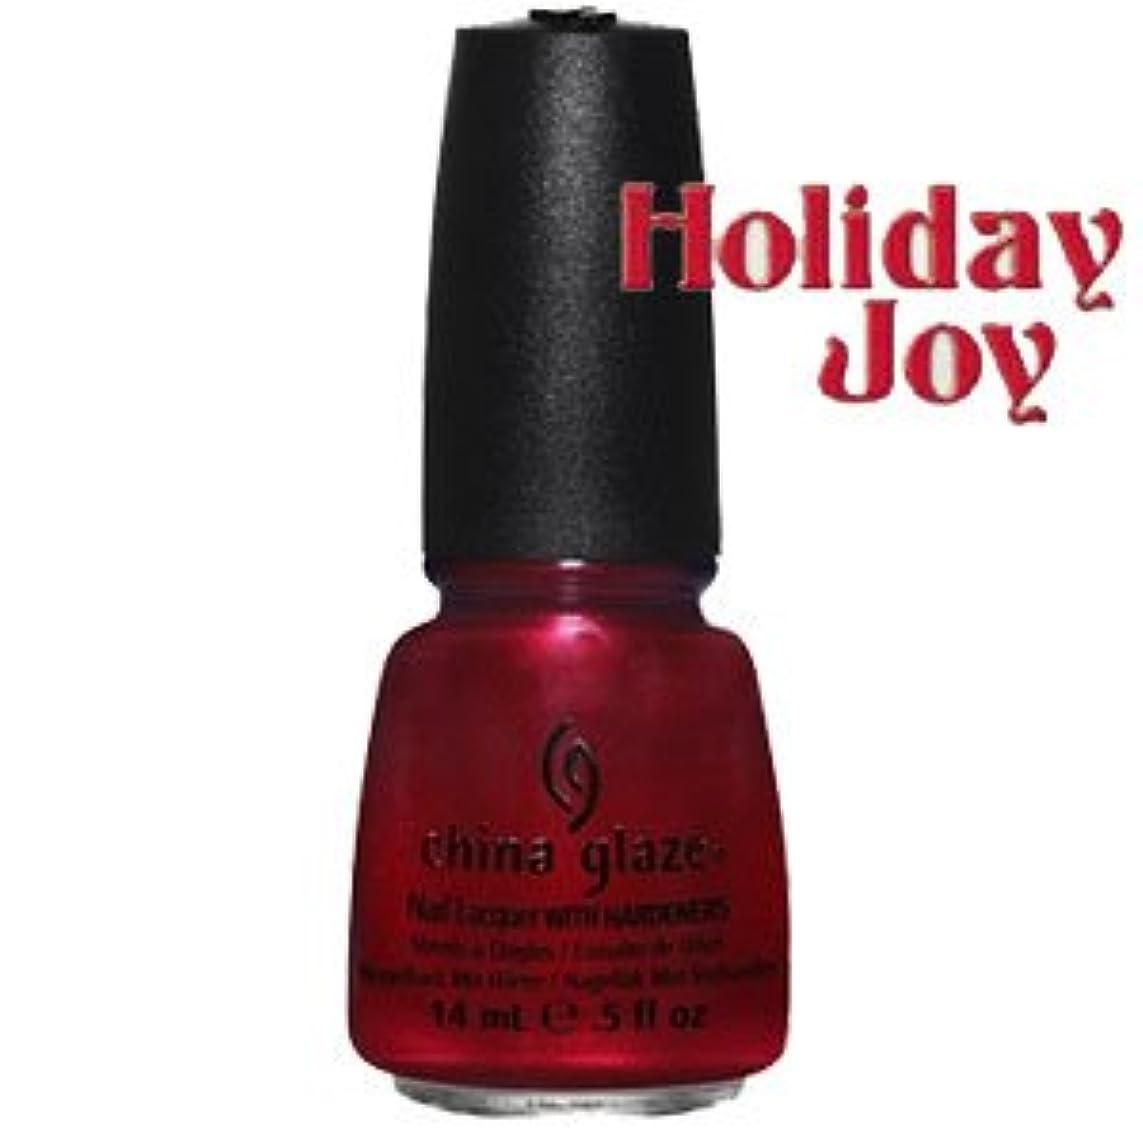 アーネストシャクルトン神秘ヒロイン(チャイナグレイズ)China Glaze Cranberry Splashー'12Holiday Joy コレクション [海外直送品][並行輸入品]